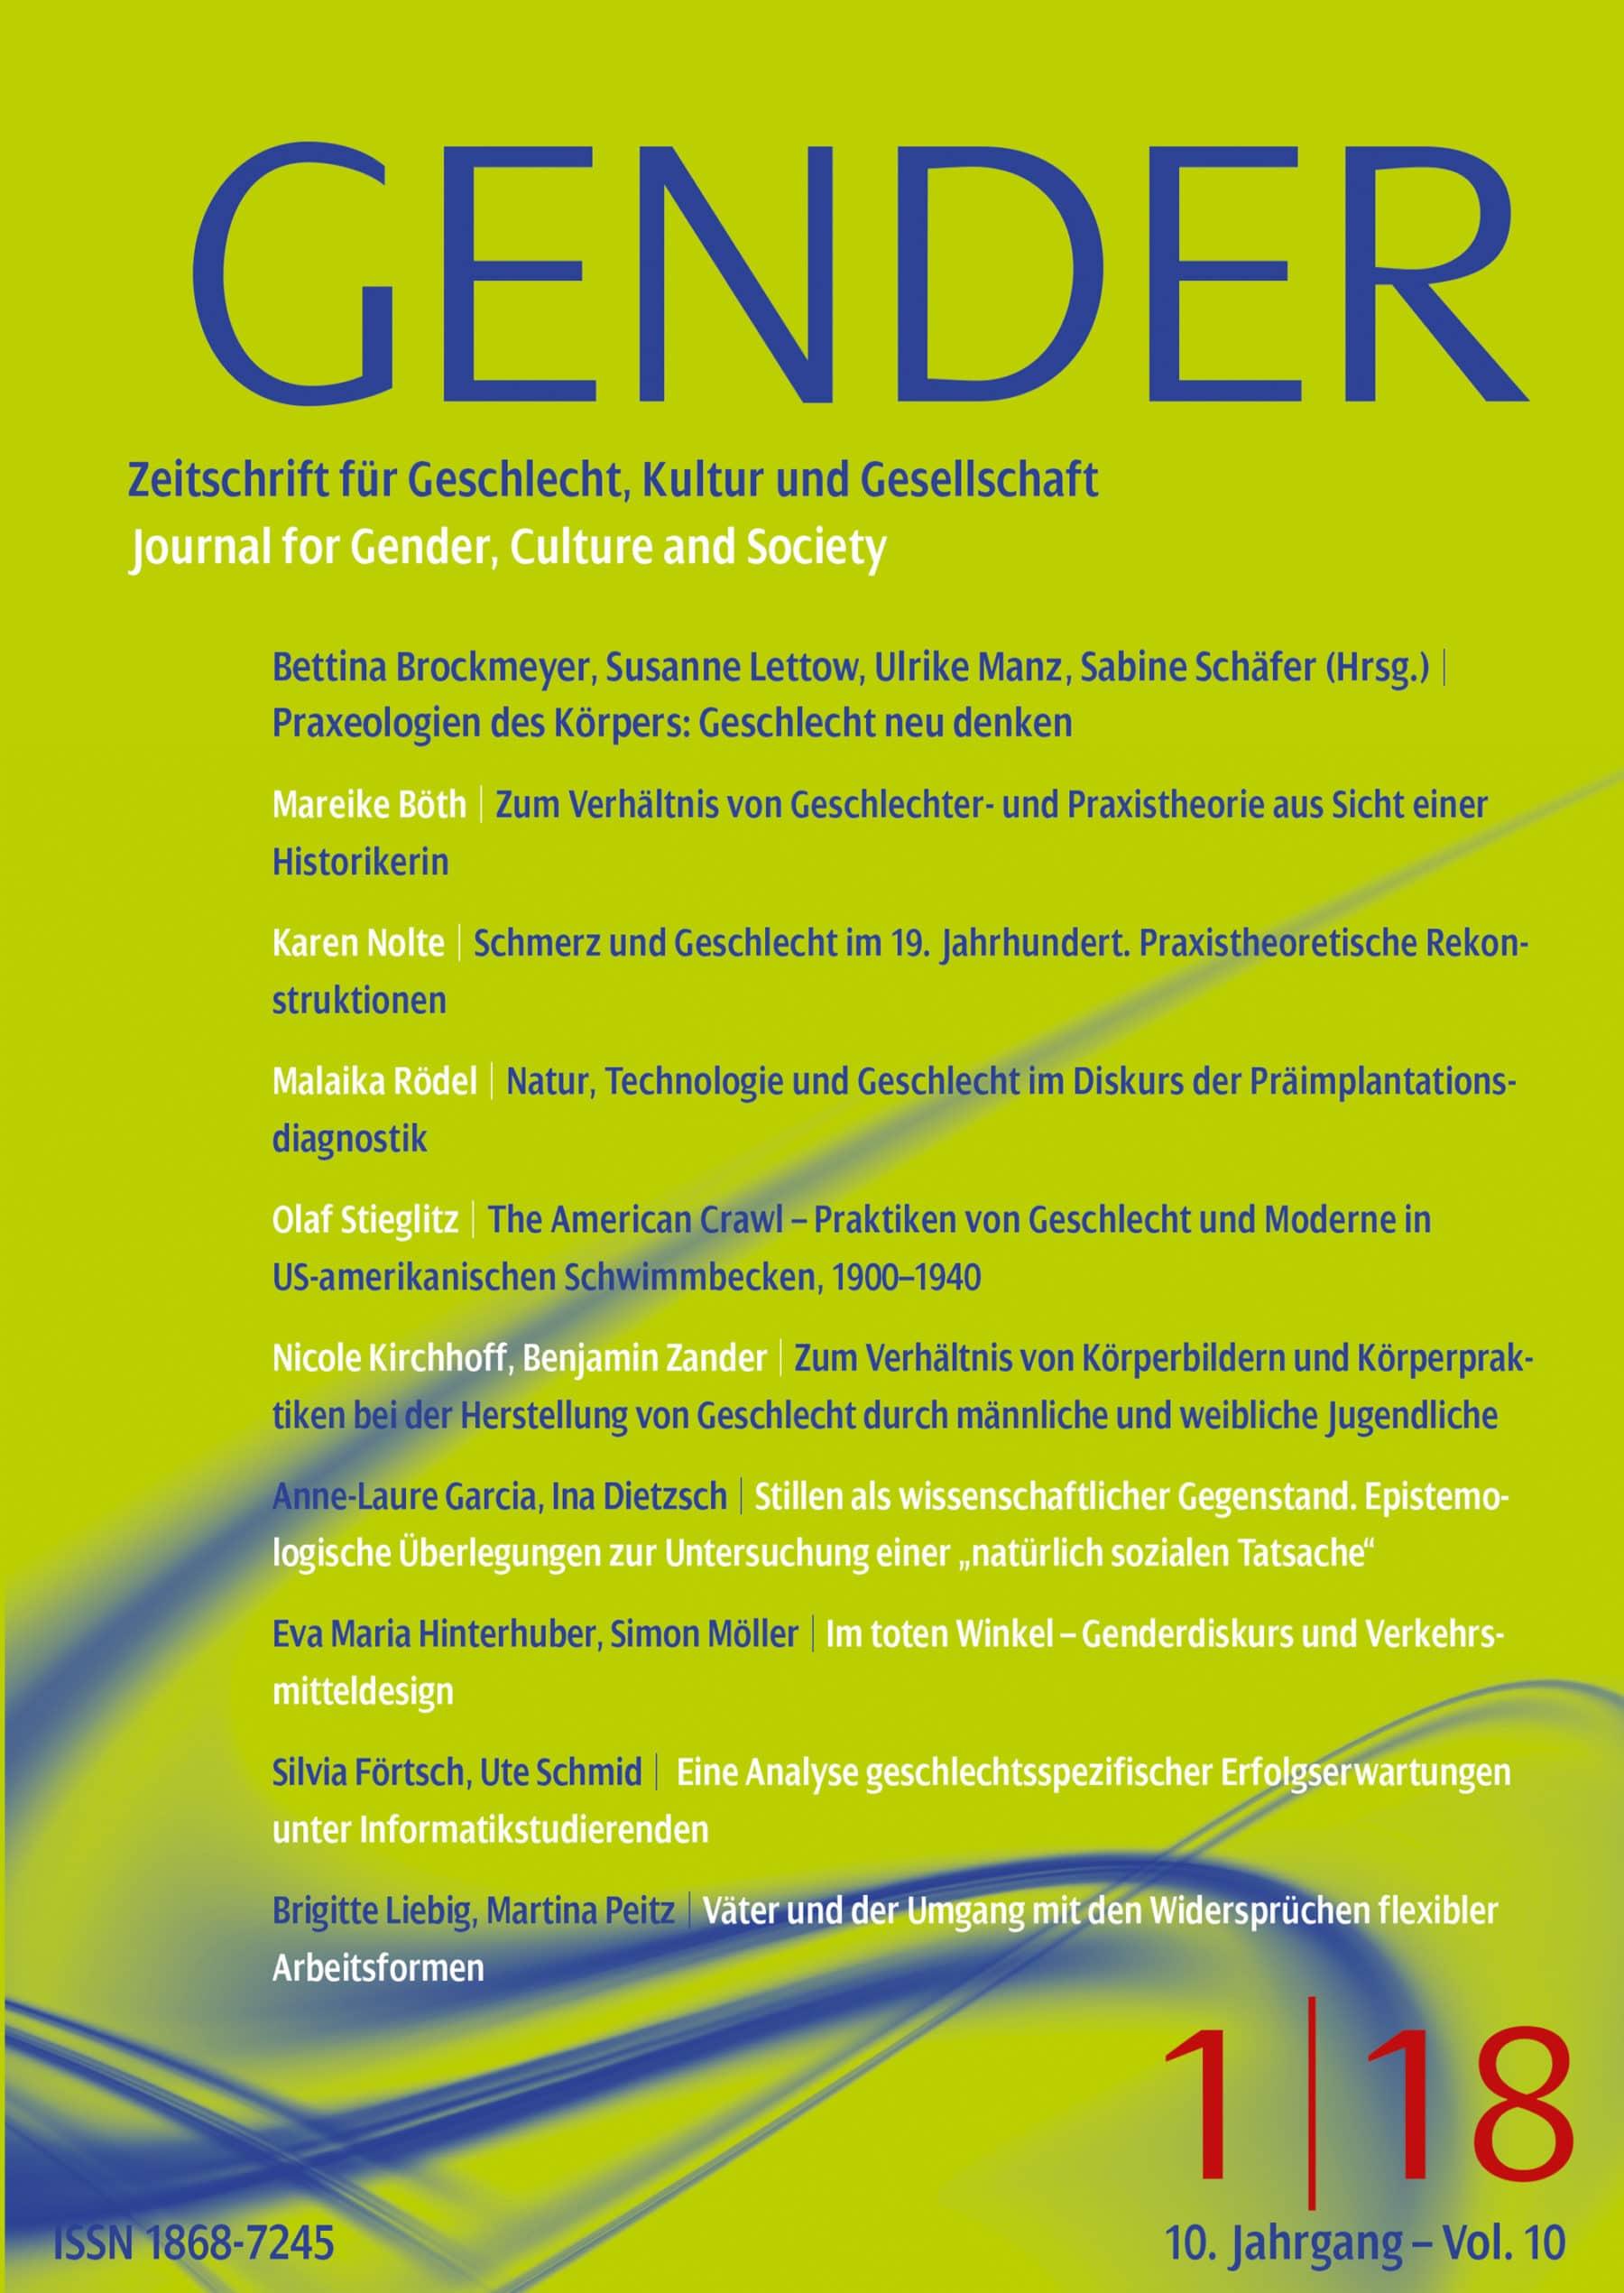 GENDER 1-2018 | Praxeologien des Körpers: Geschlecht neu denken